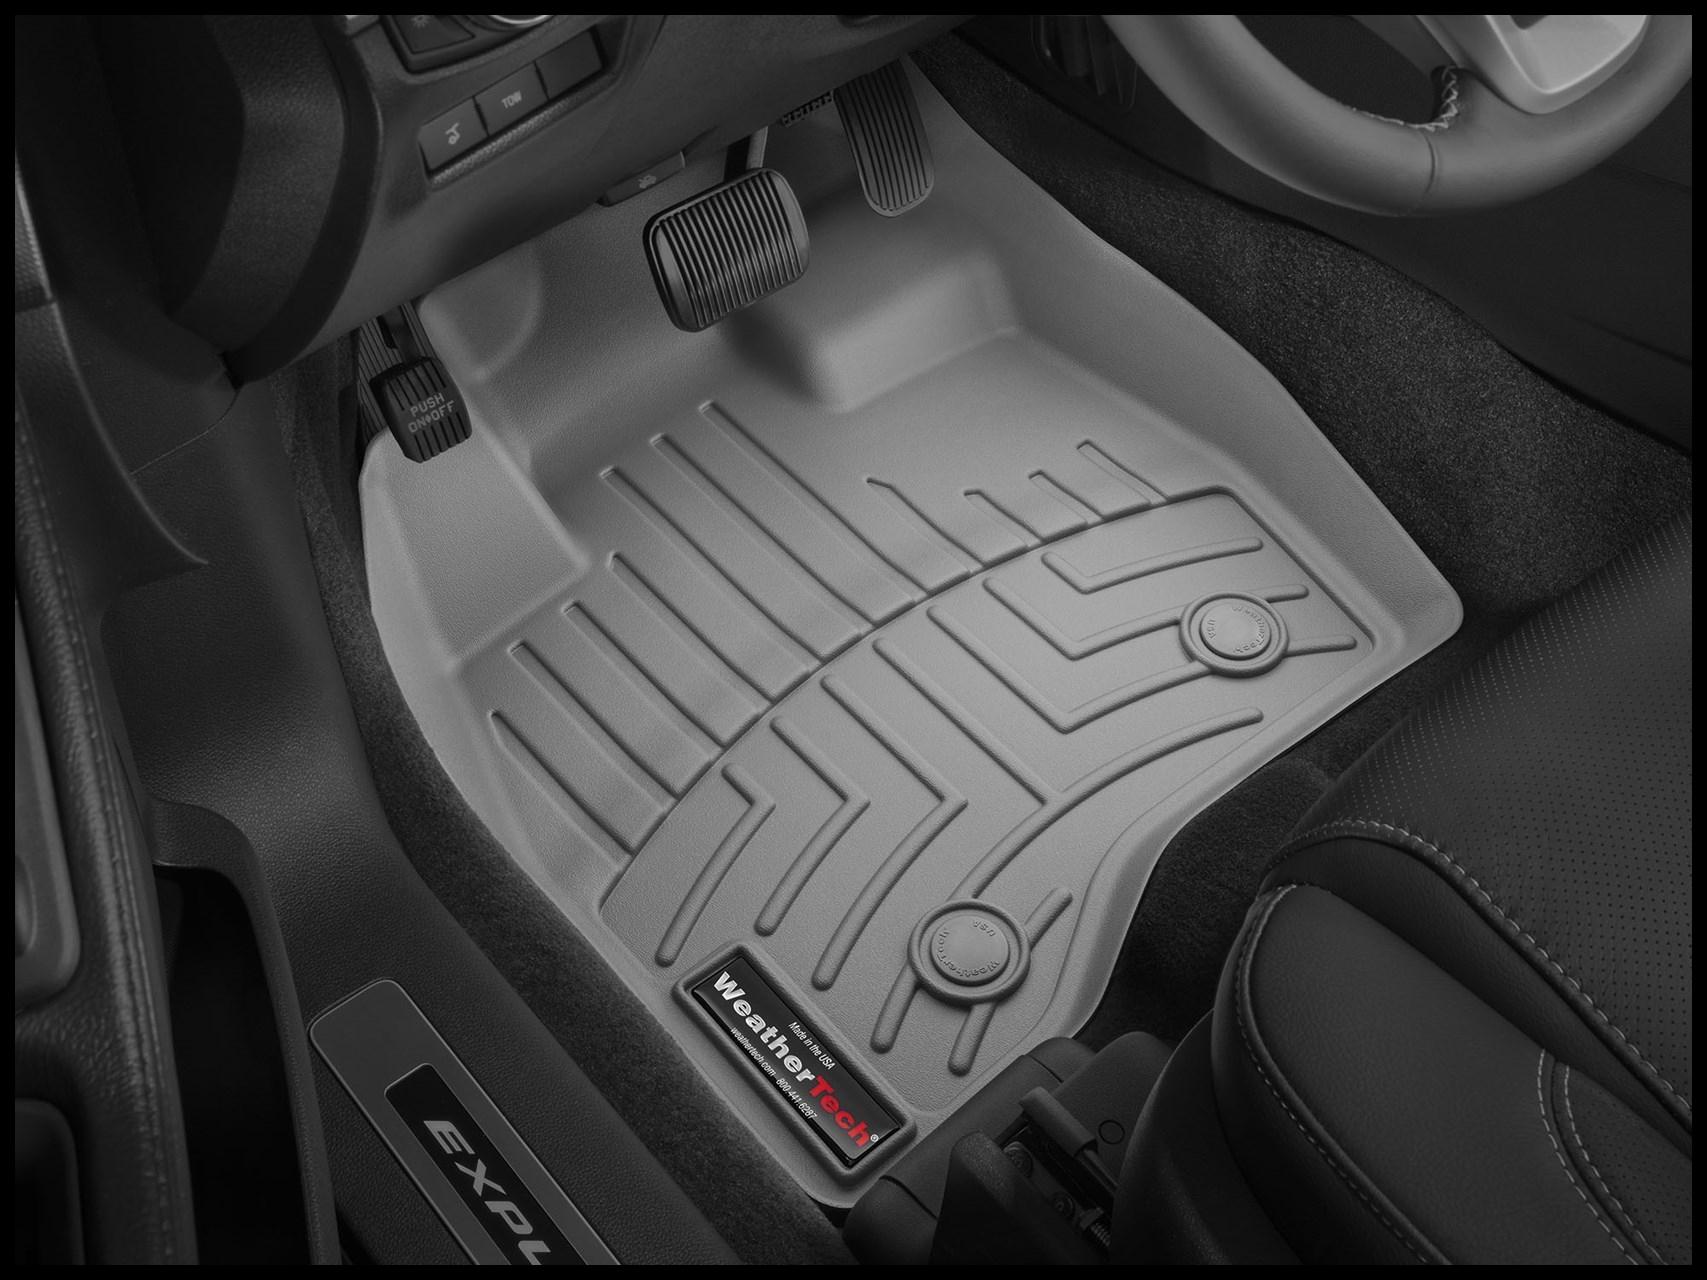 2018 Toyota Land Cruiser 150 All Weather Car Mats All Season flexible rubber floor mats